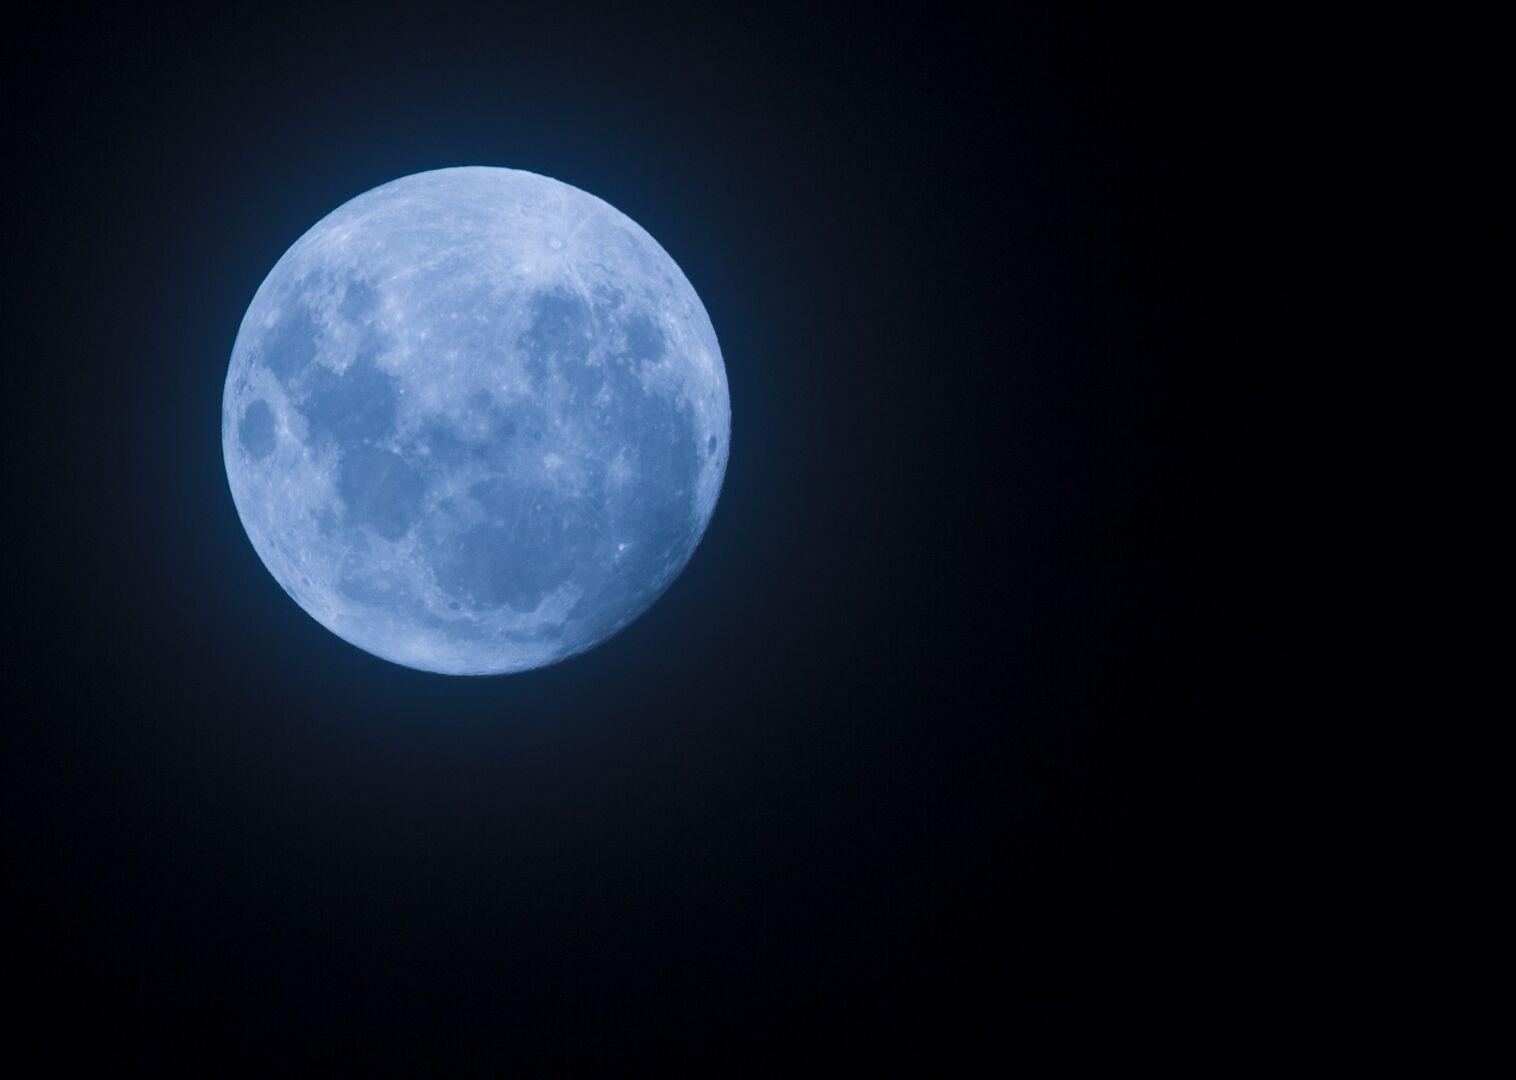 La luna azul no es azul de verdad libertad digital for Que luna hay esta noche